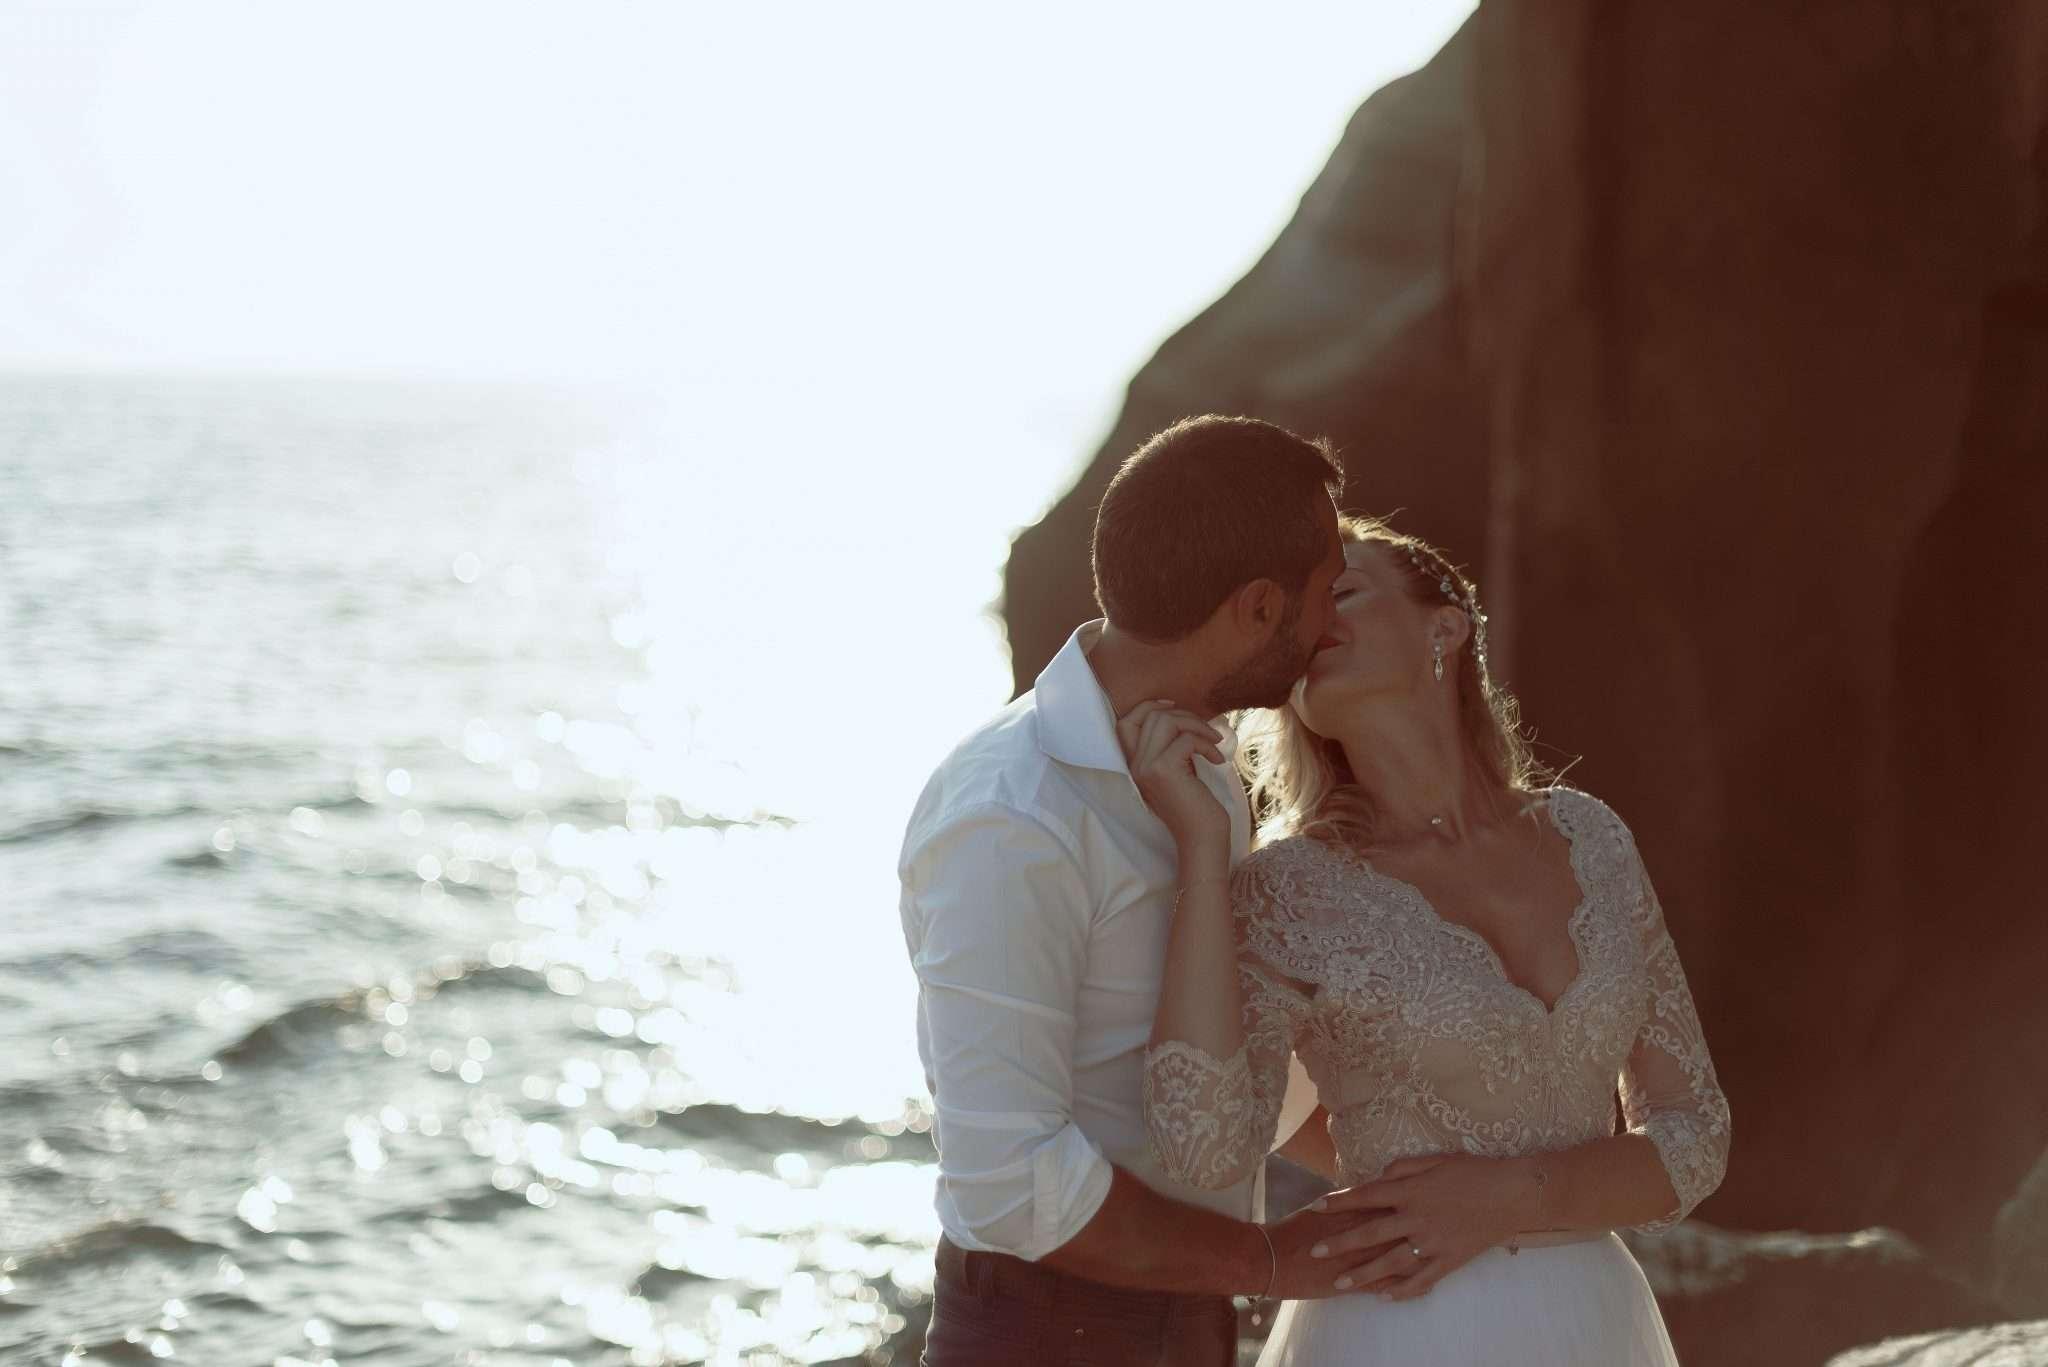 Fotografia bacio sposi wedding reportage Napoli realizzata da Barbara Trincone fotografa con studio a Pozzuoli - Napoli